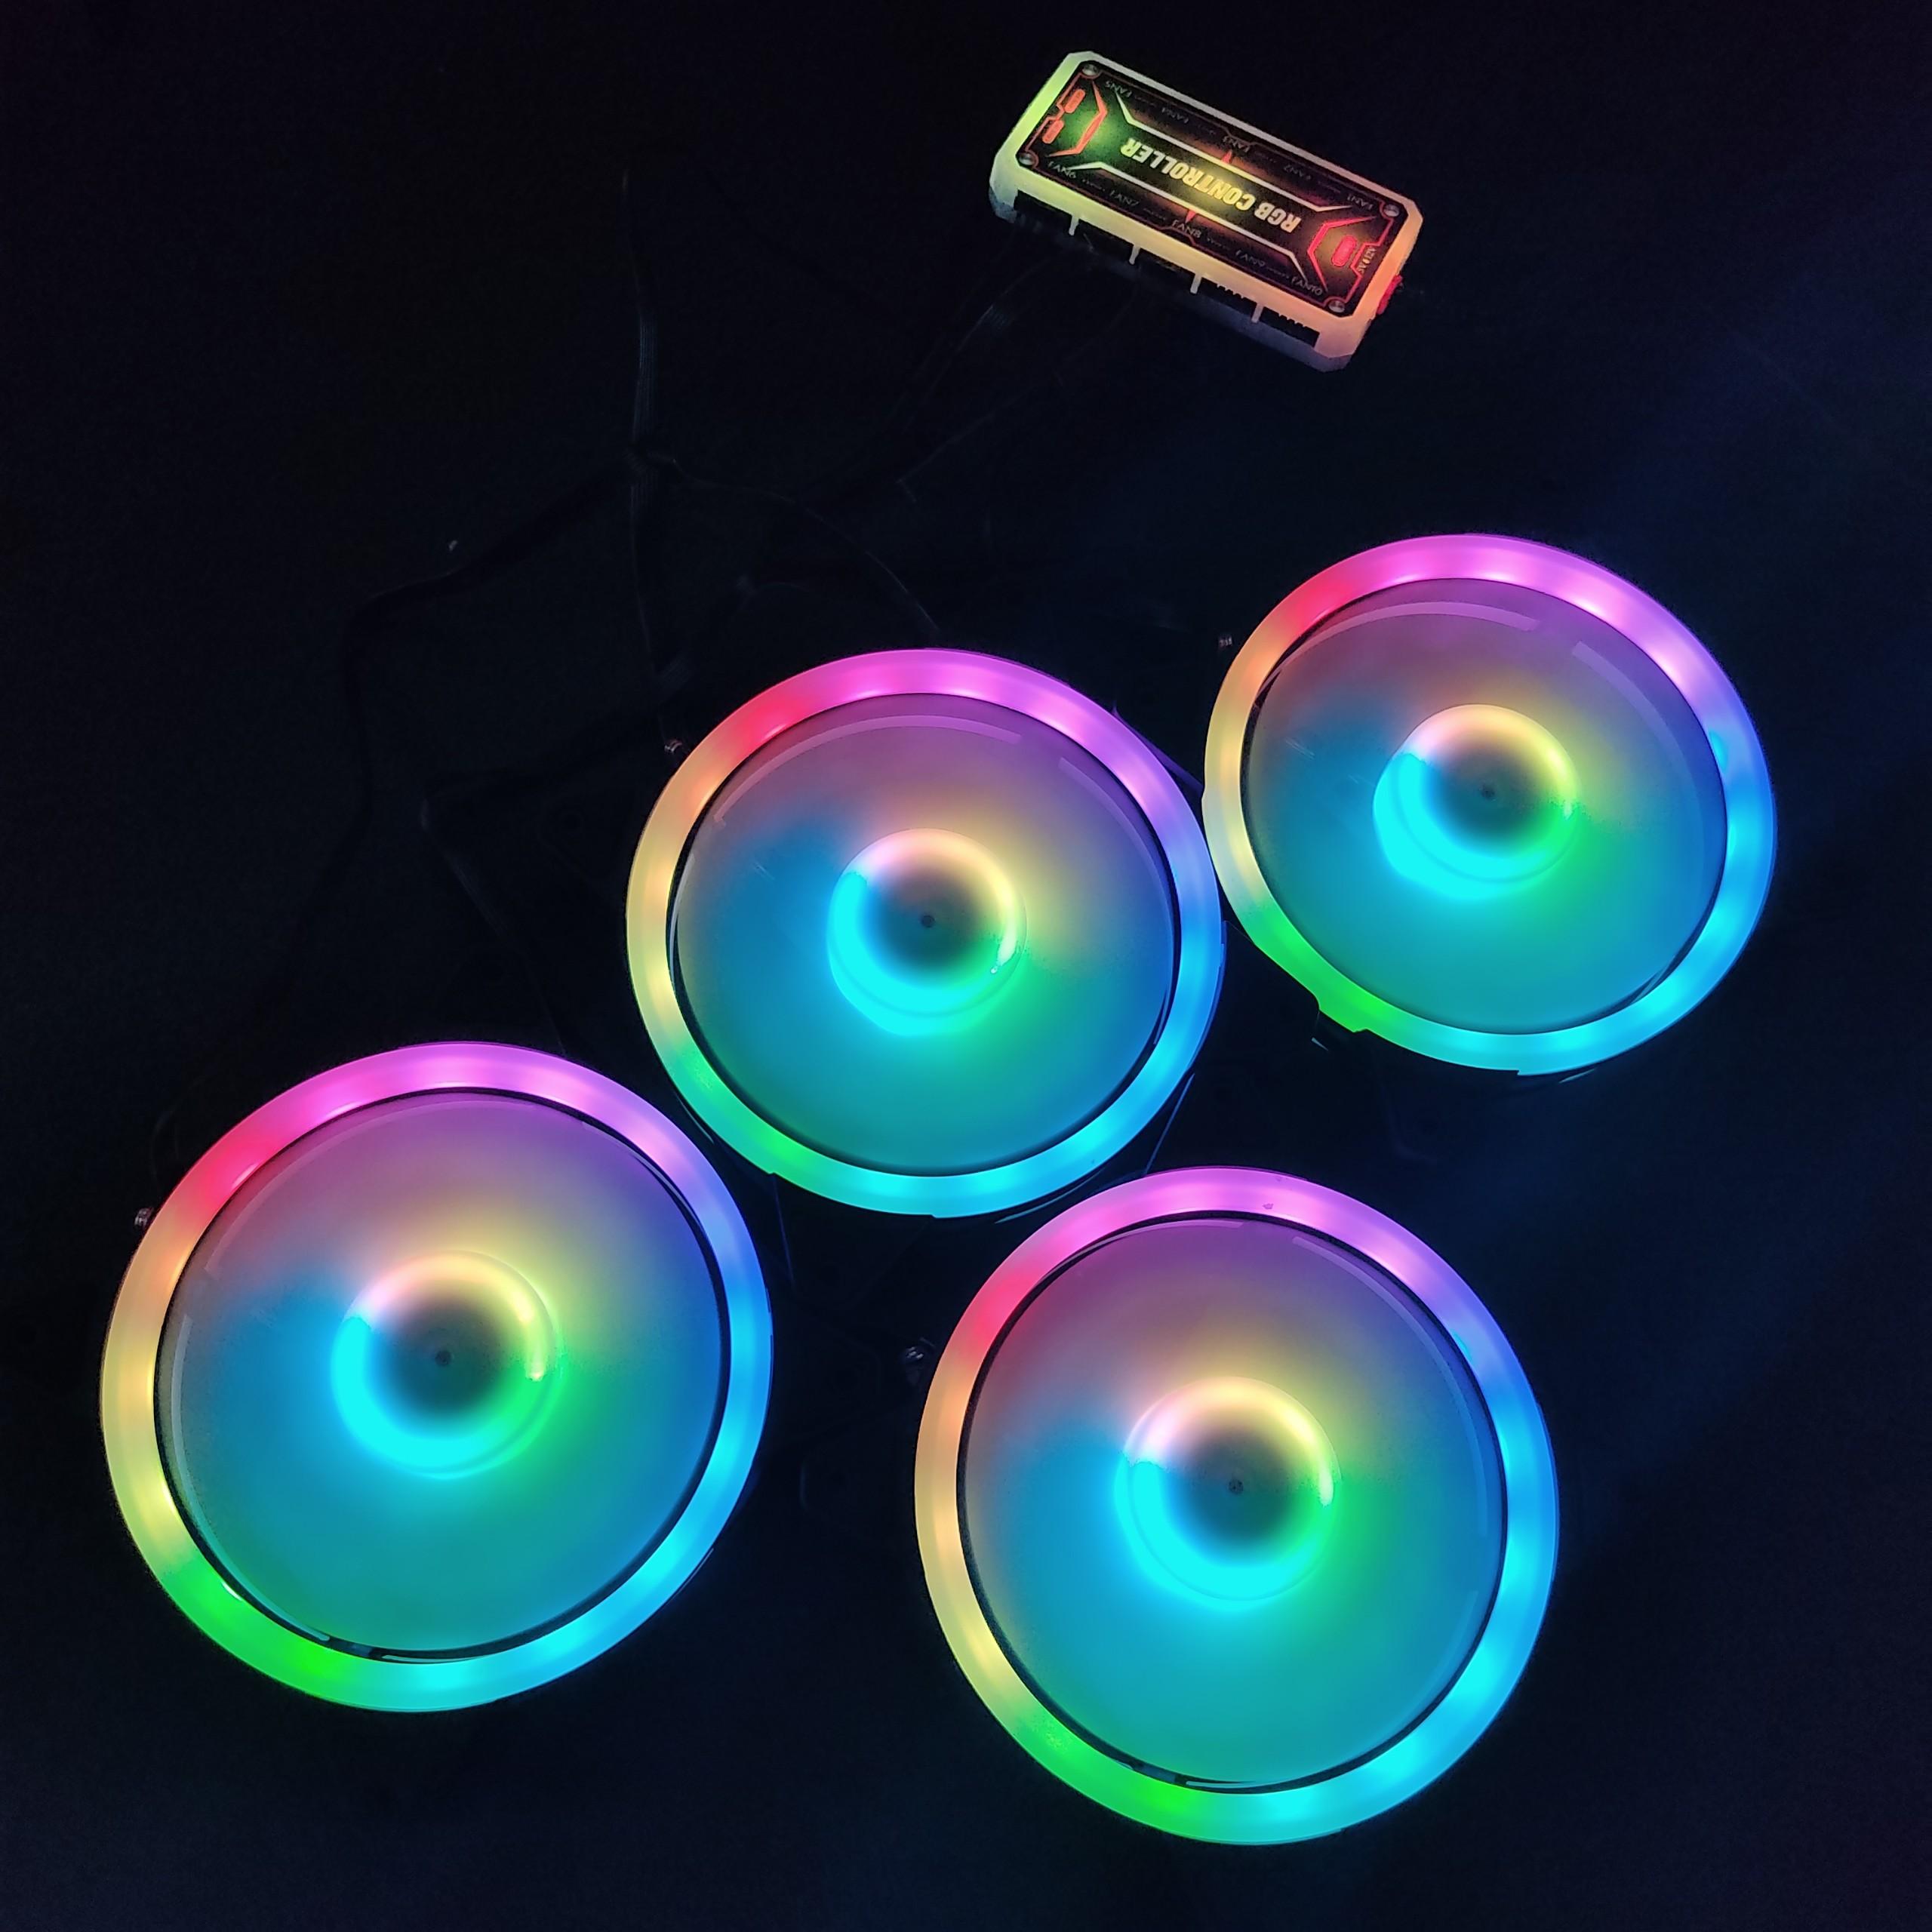 4 Quạt Tản Nhiệt, Fan Case KNC V4 Led RGB đồng bộ màu hệ thống, kèm bộ Hub khiển màu từ xa